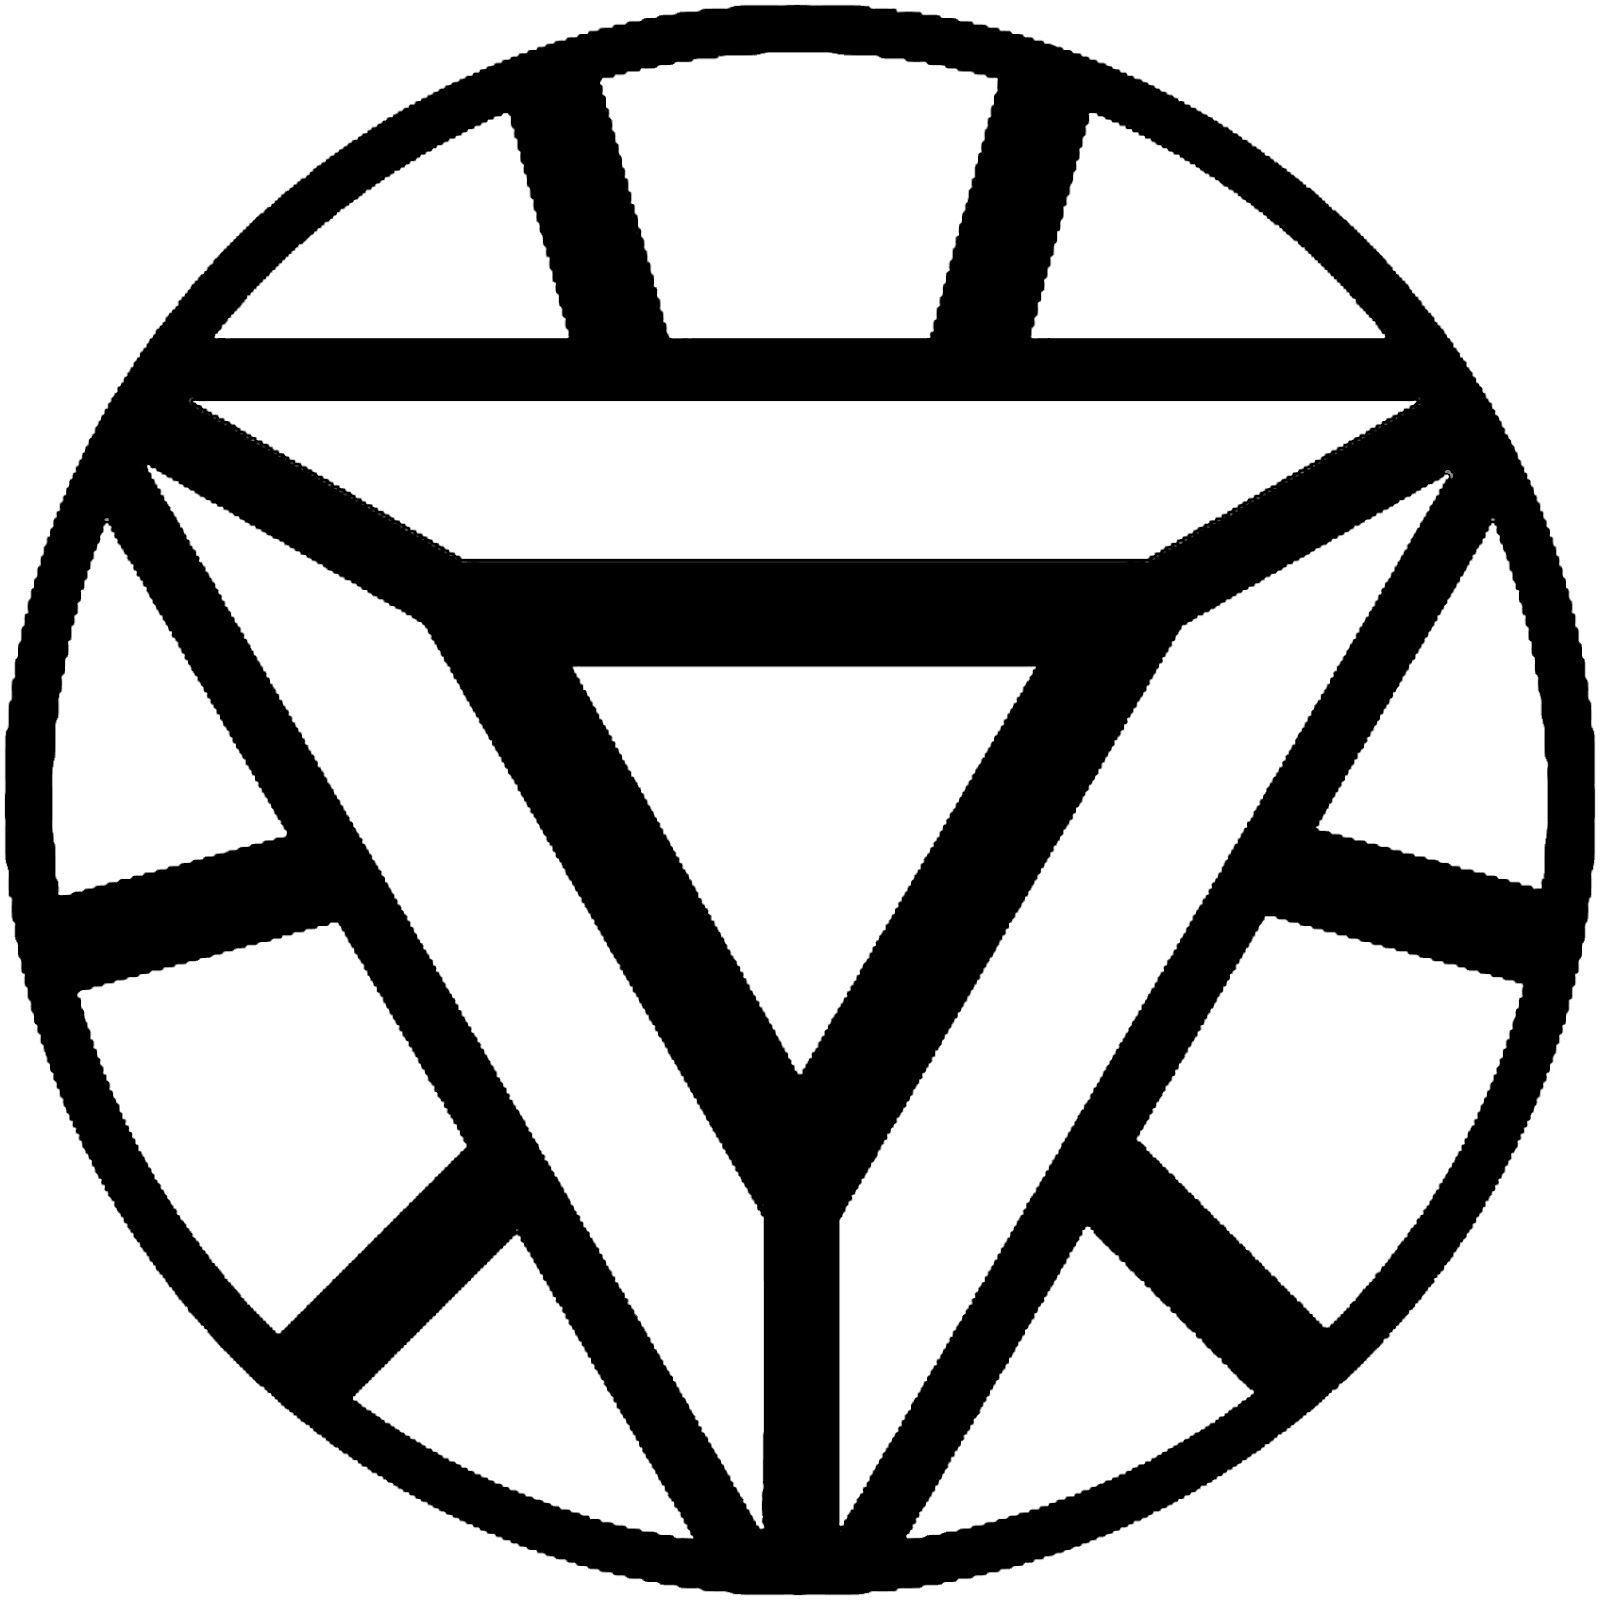 Avengers Soulmates Iron Man Tattoo Iron Man Symbol Iron Man Logo